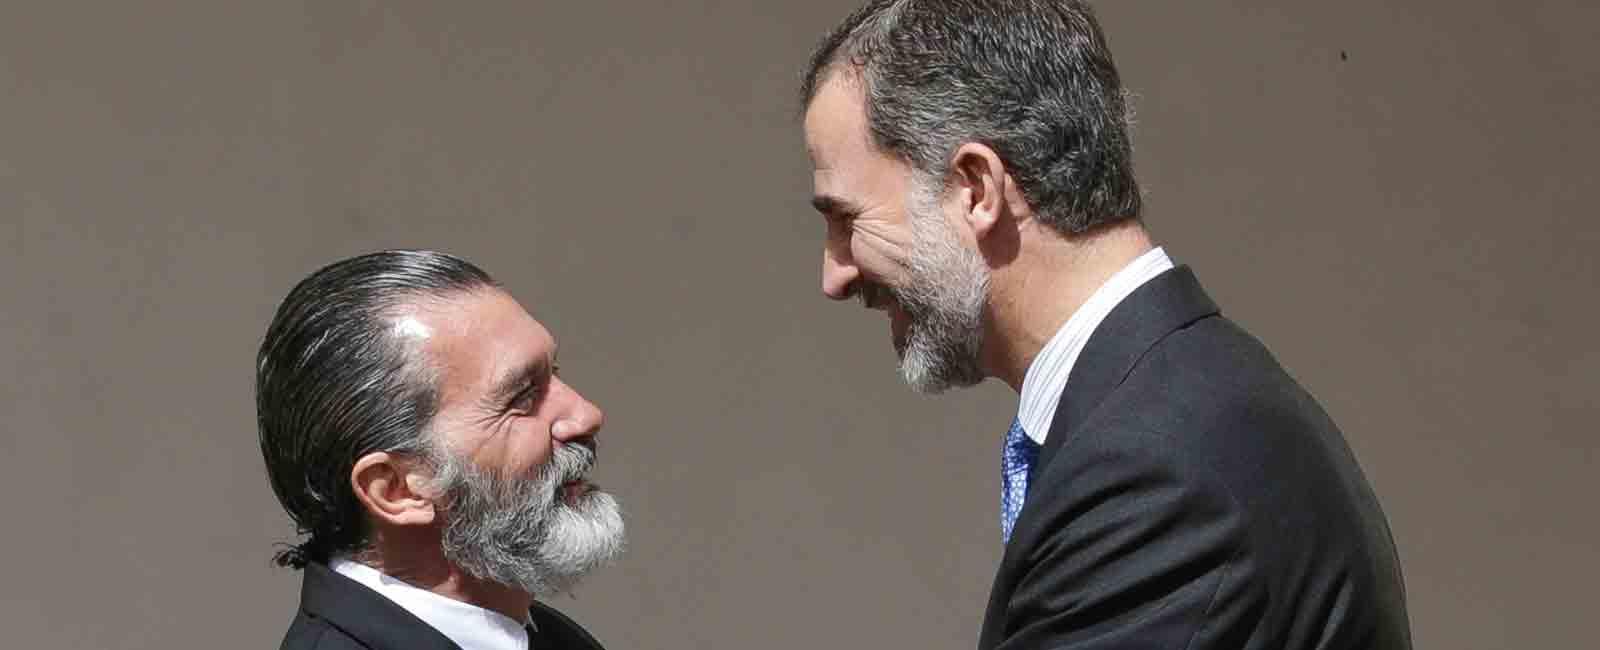 Antonio Banderas recibe del rey Felipe VI, el premio Camino Real